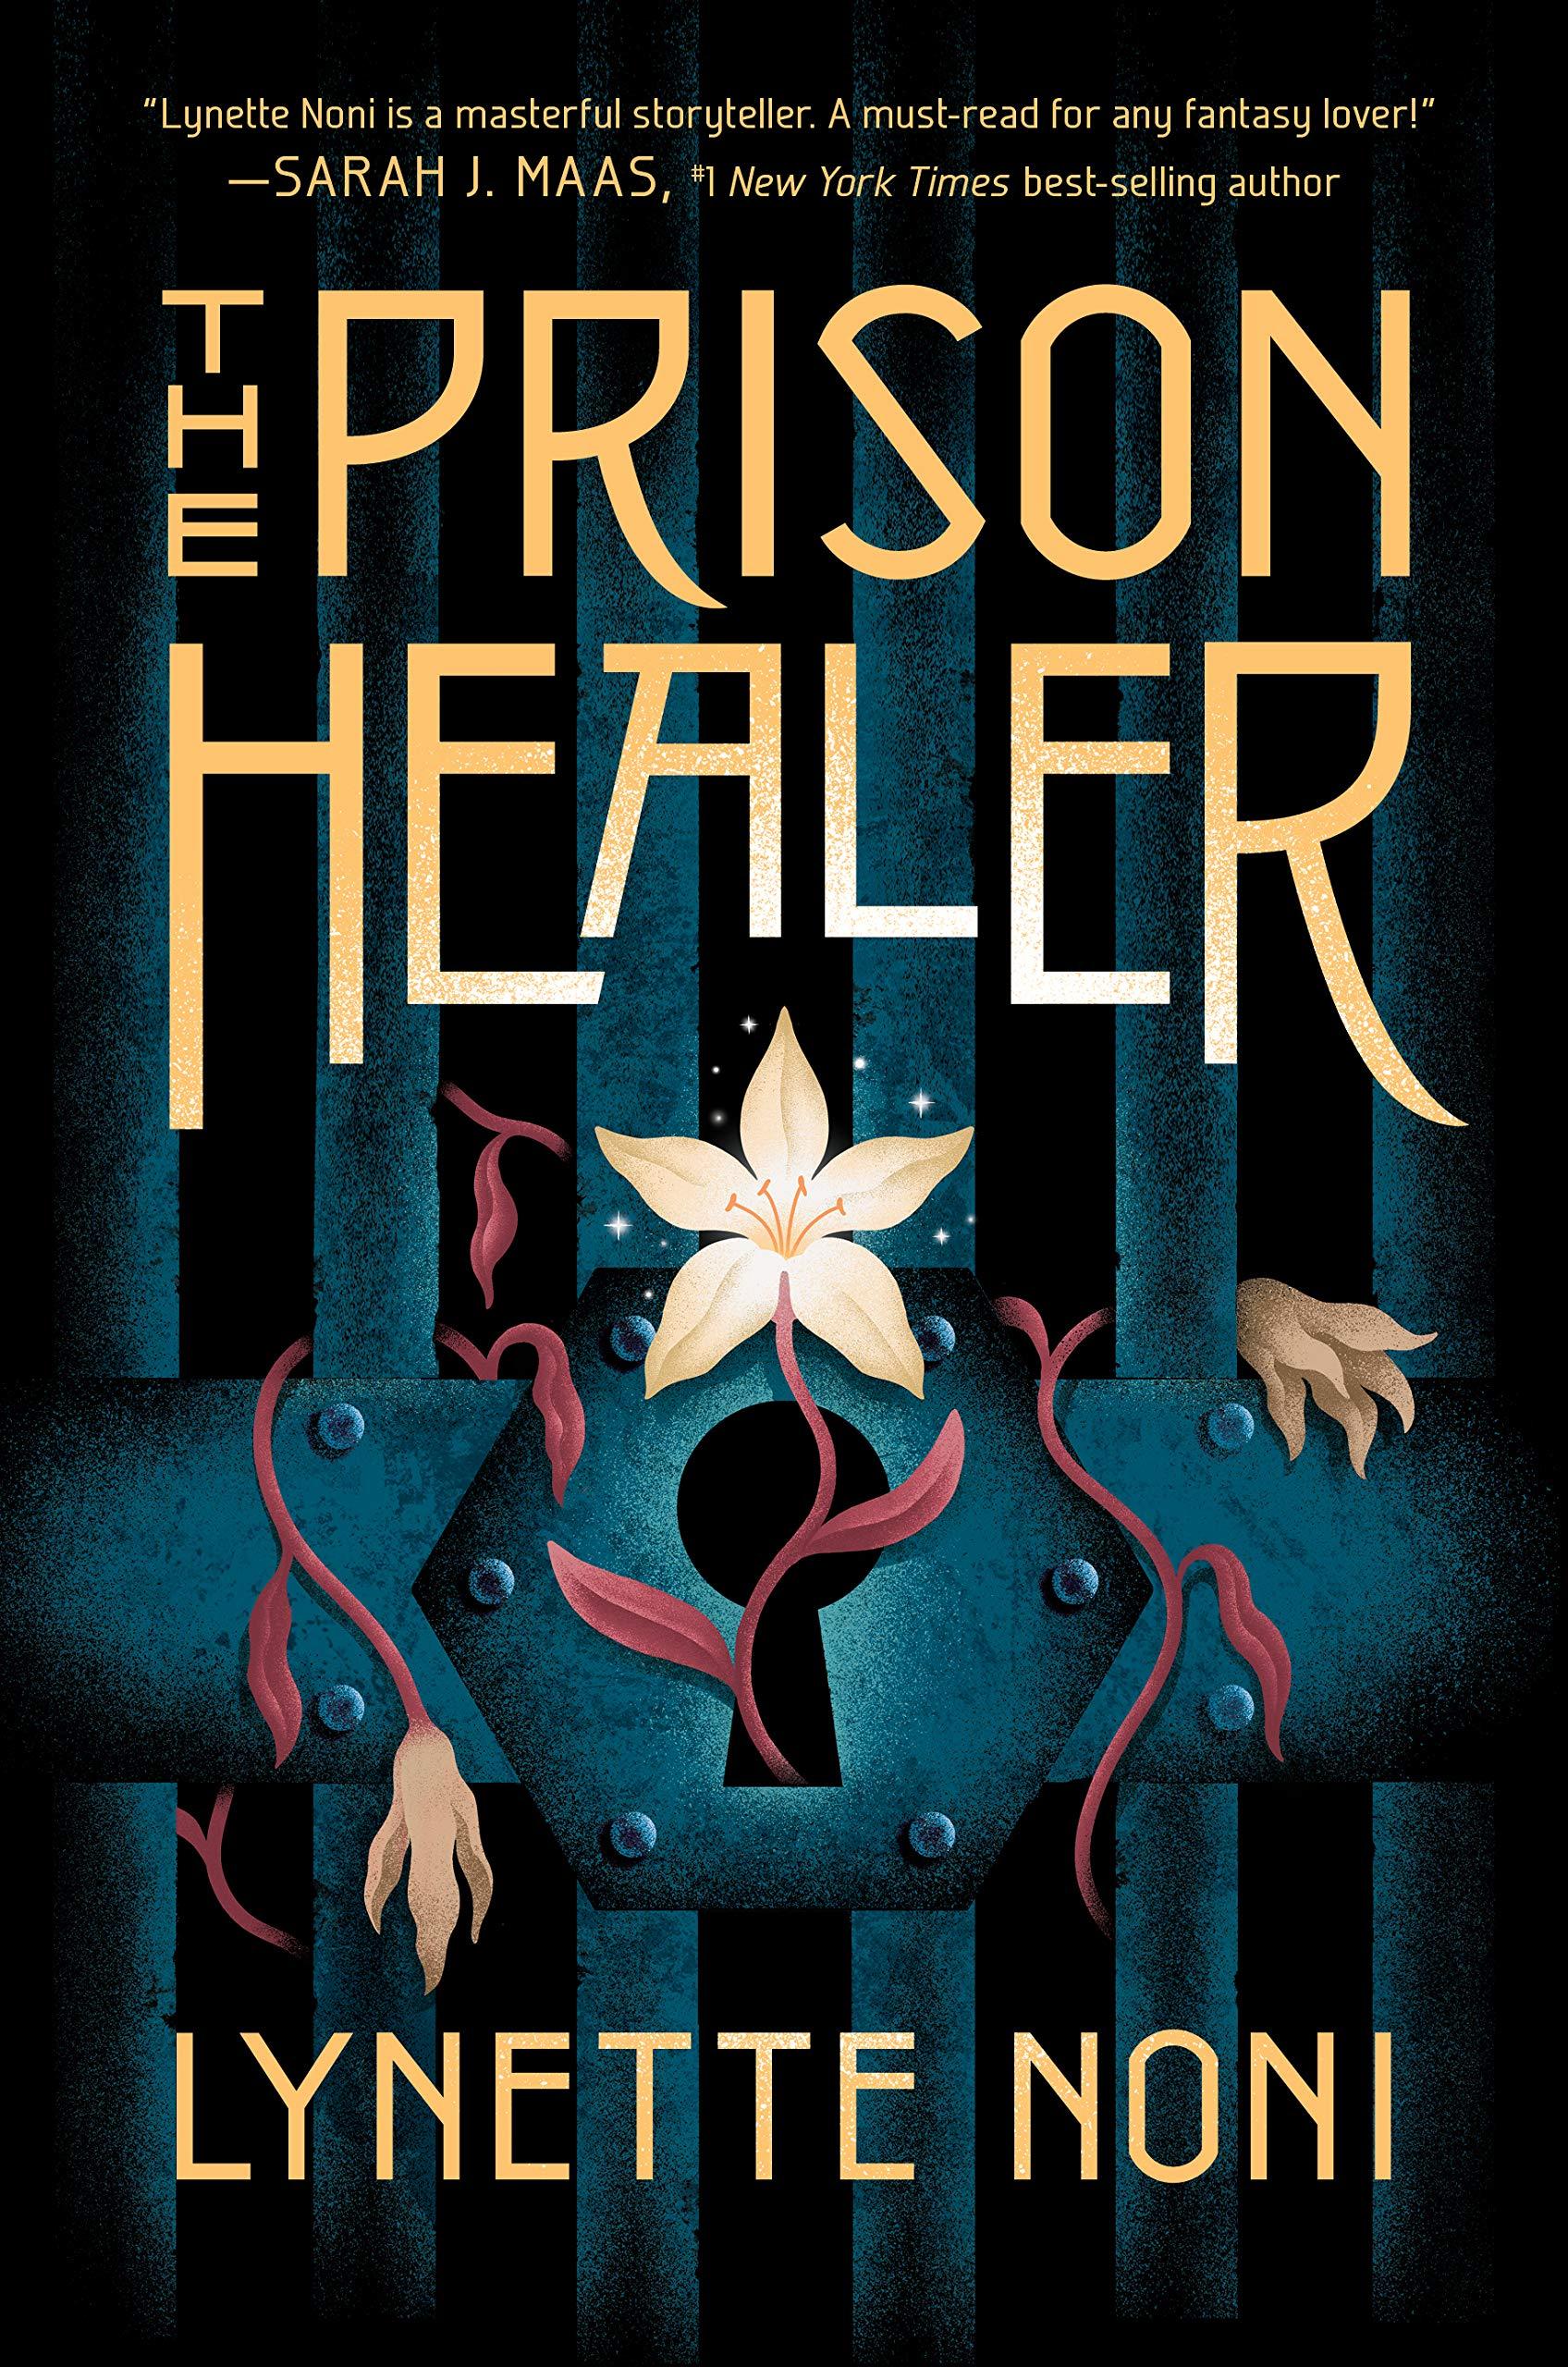 Cover for Lynette Noni's The Prison Healer